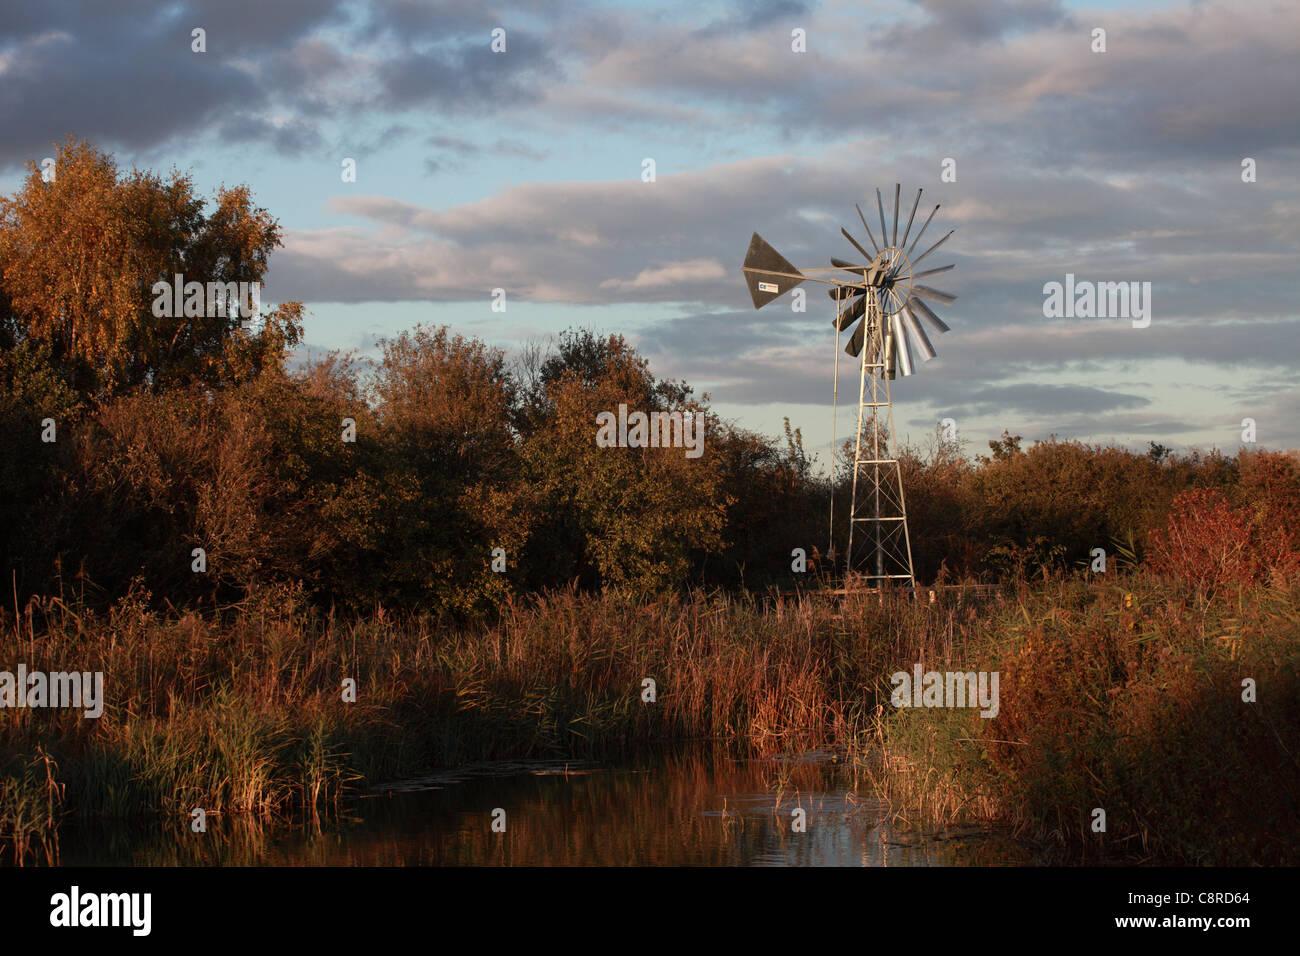 Wind angetriebene Wasserpumpe für Bewässerung, Wicken Fen, Cambridgeshire, Großbritannien Stockbild